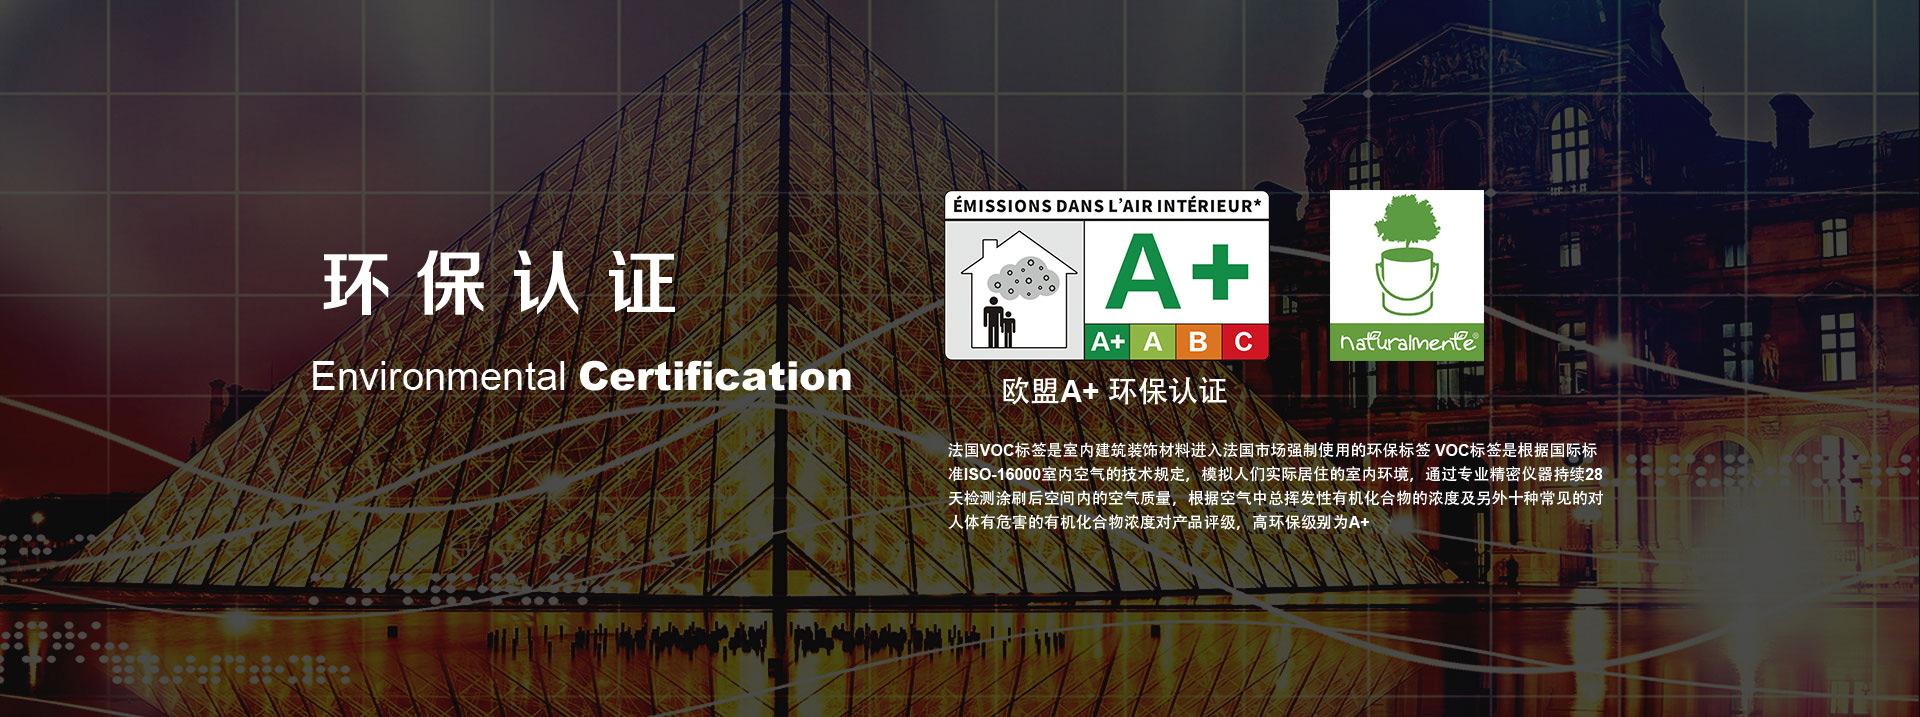 萨铂艺术涂料环保认证